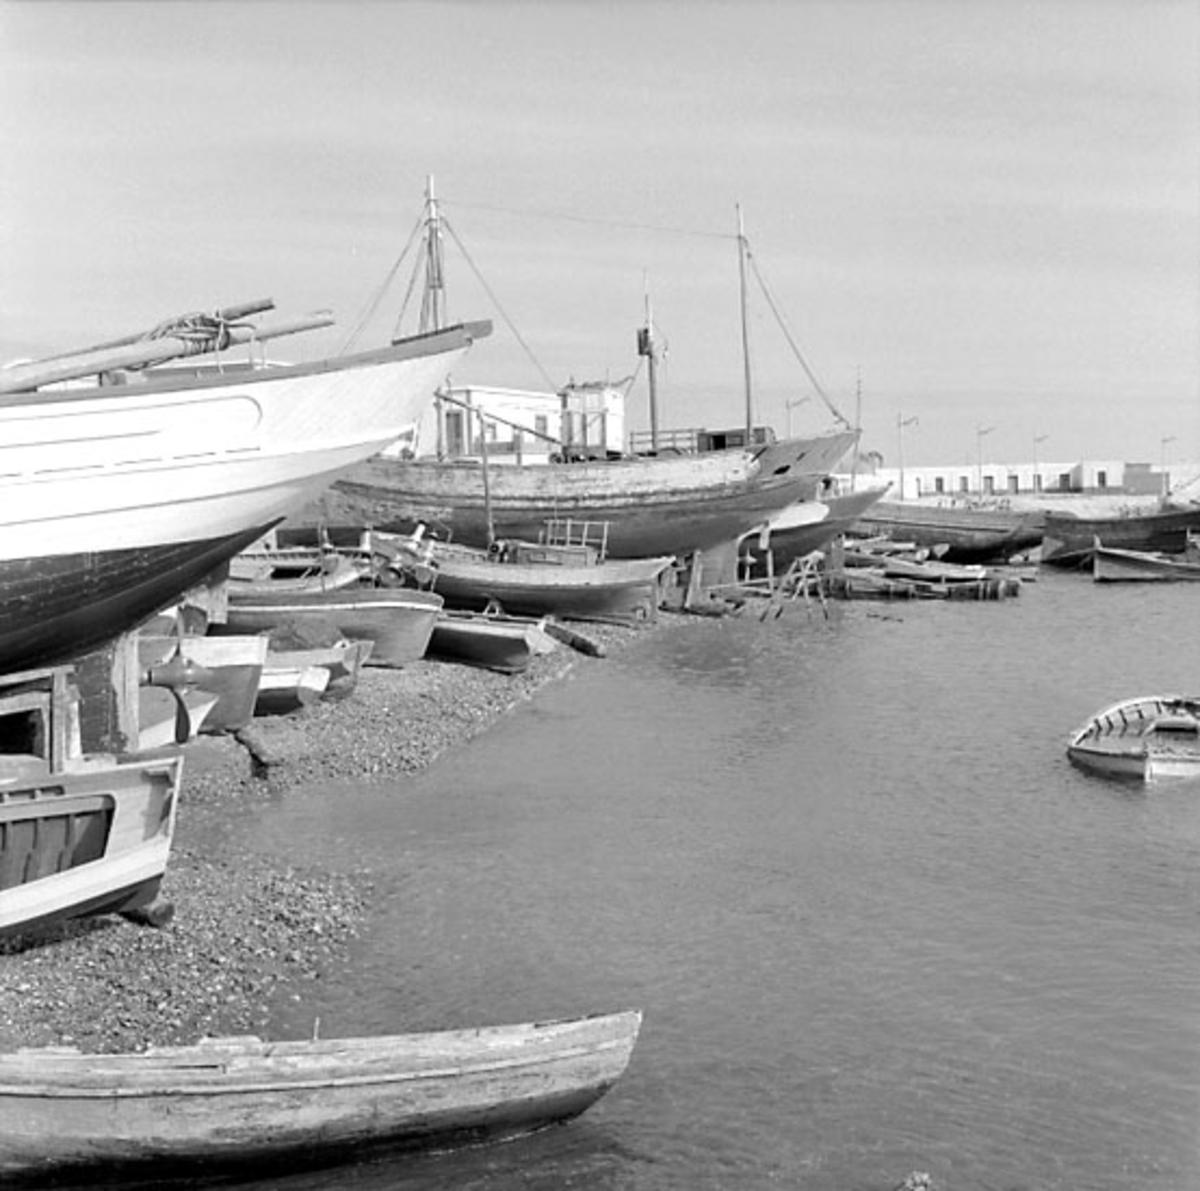 40. Spanien. Fotojournal finns på B.M.A. + fotoalbum. Samtidigt förvärv: Böcker och arkivmaterial. Foton tagna 1959-11-12. 12 Bilder i serie.